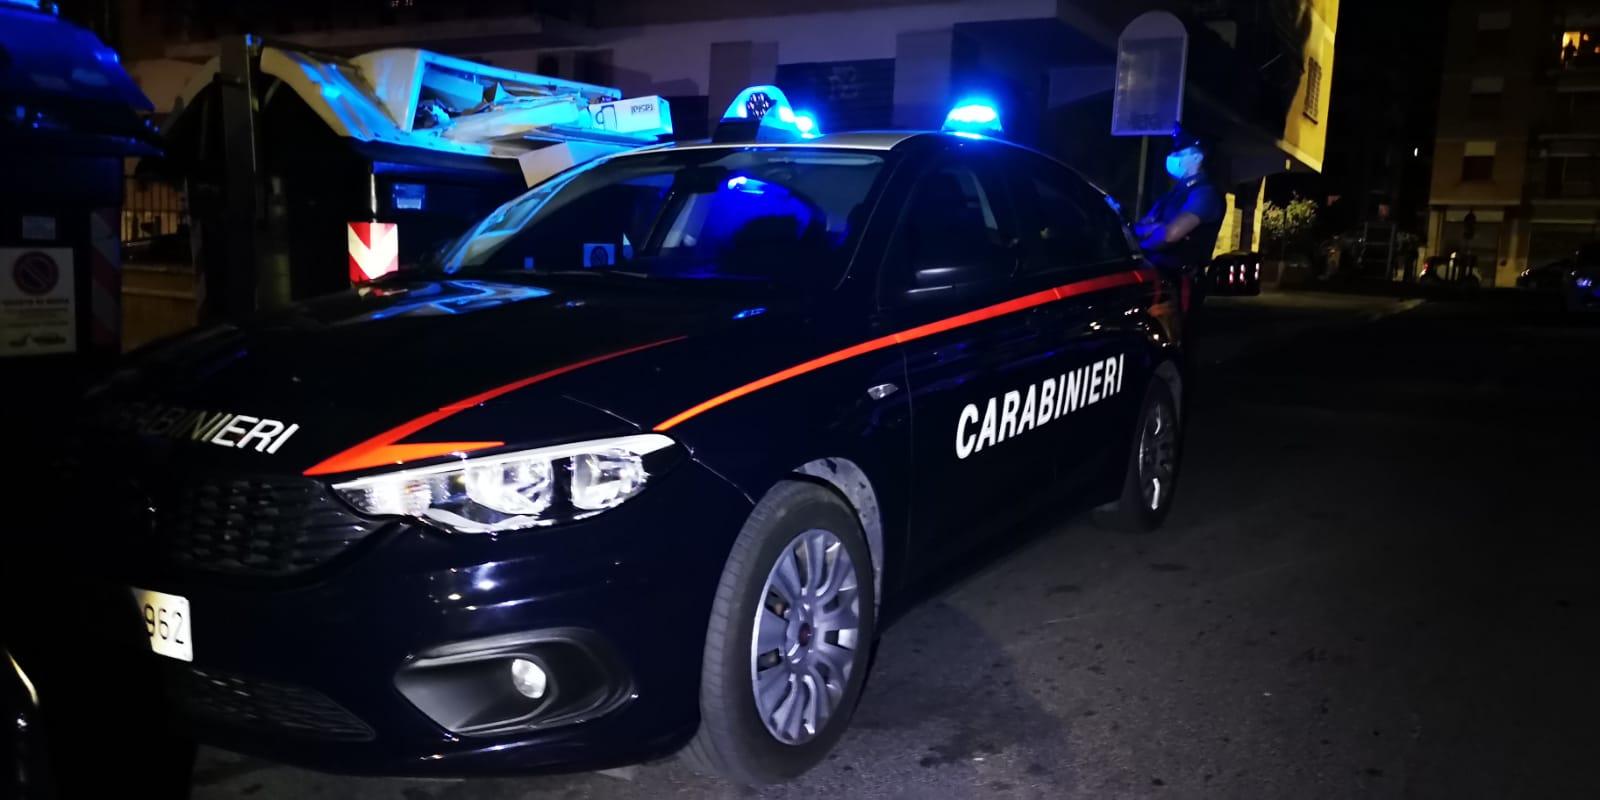 Alt Carabinieri Sabaudia ubriaco alla guida